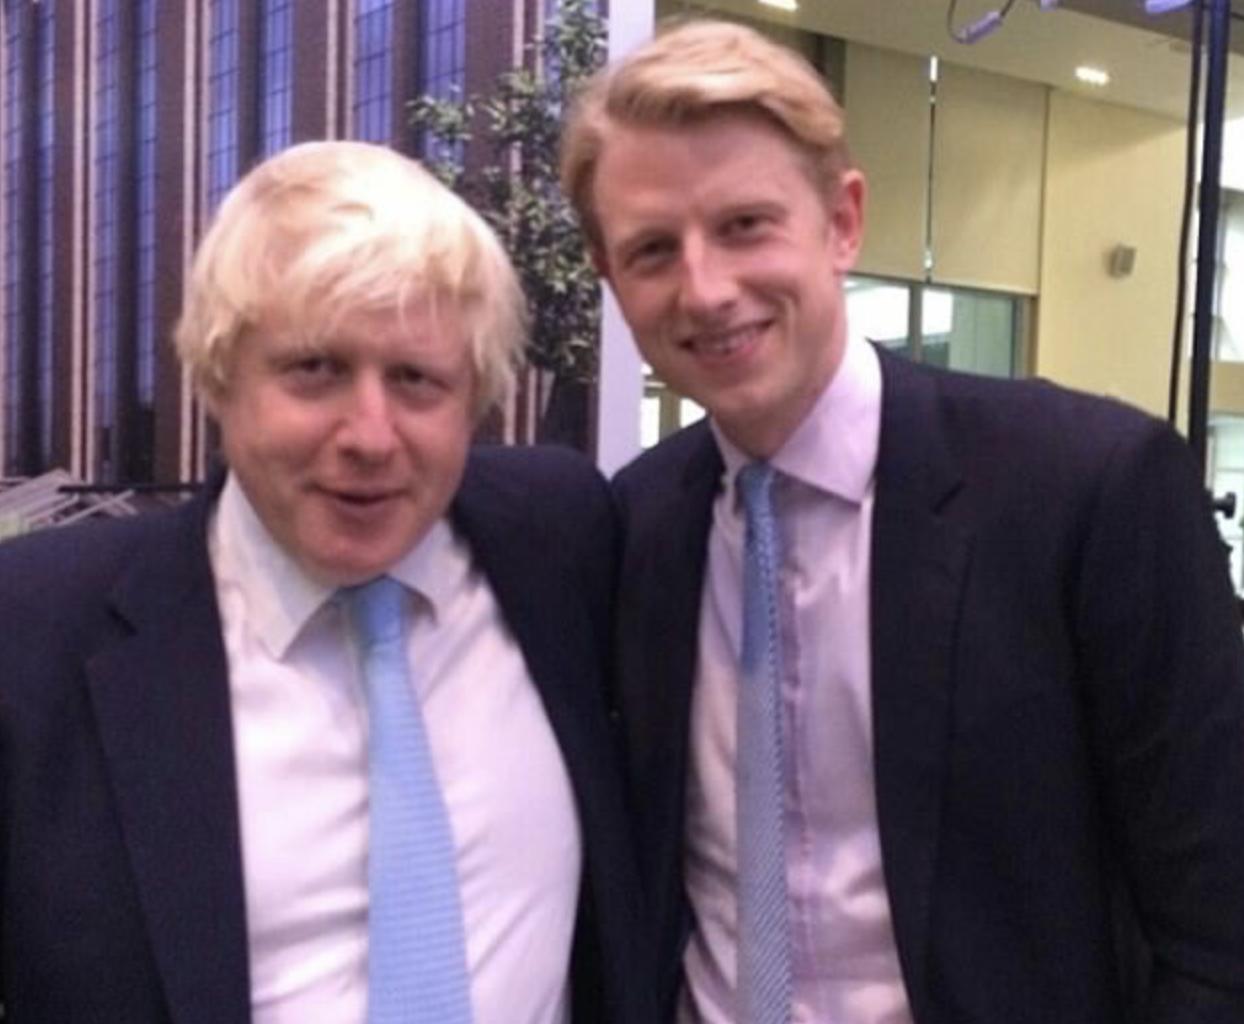 以权谋私?英国私人新冠检测公司雇佣首相弟弟,希望他能打开大门